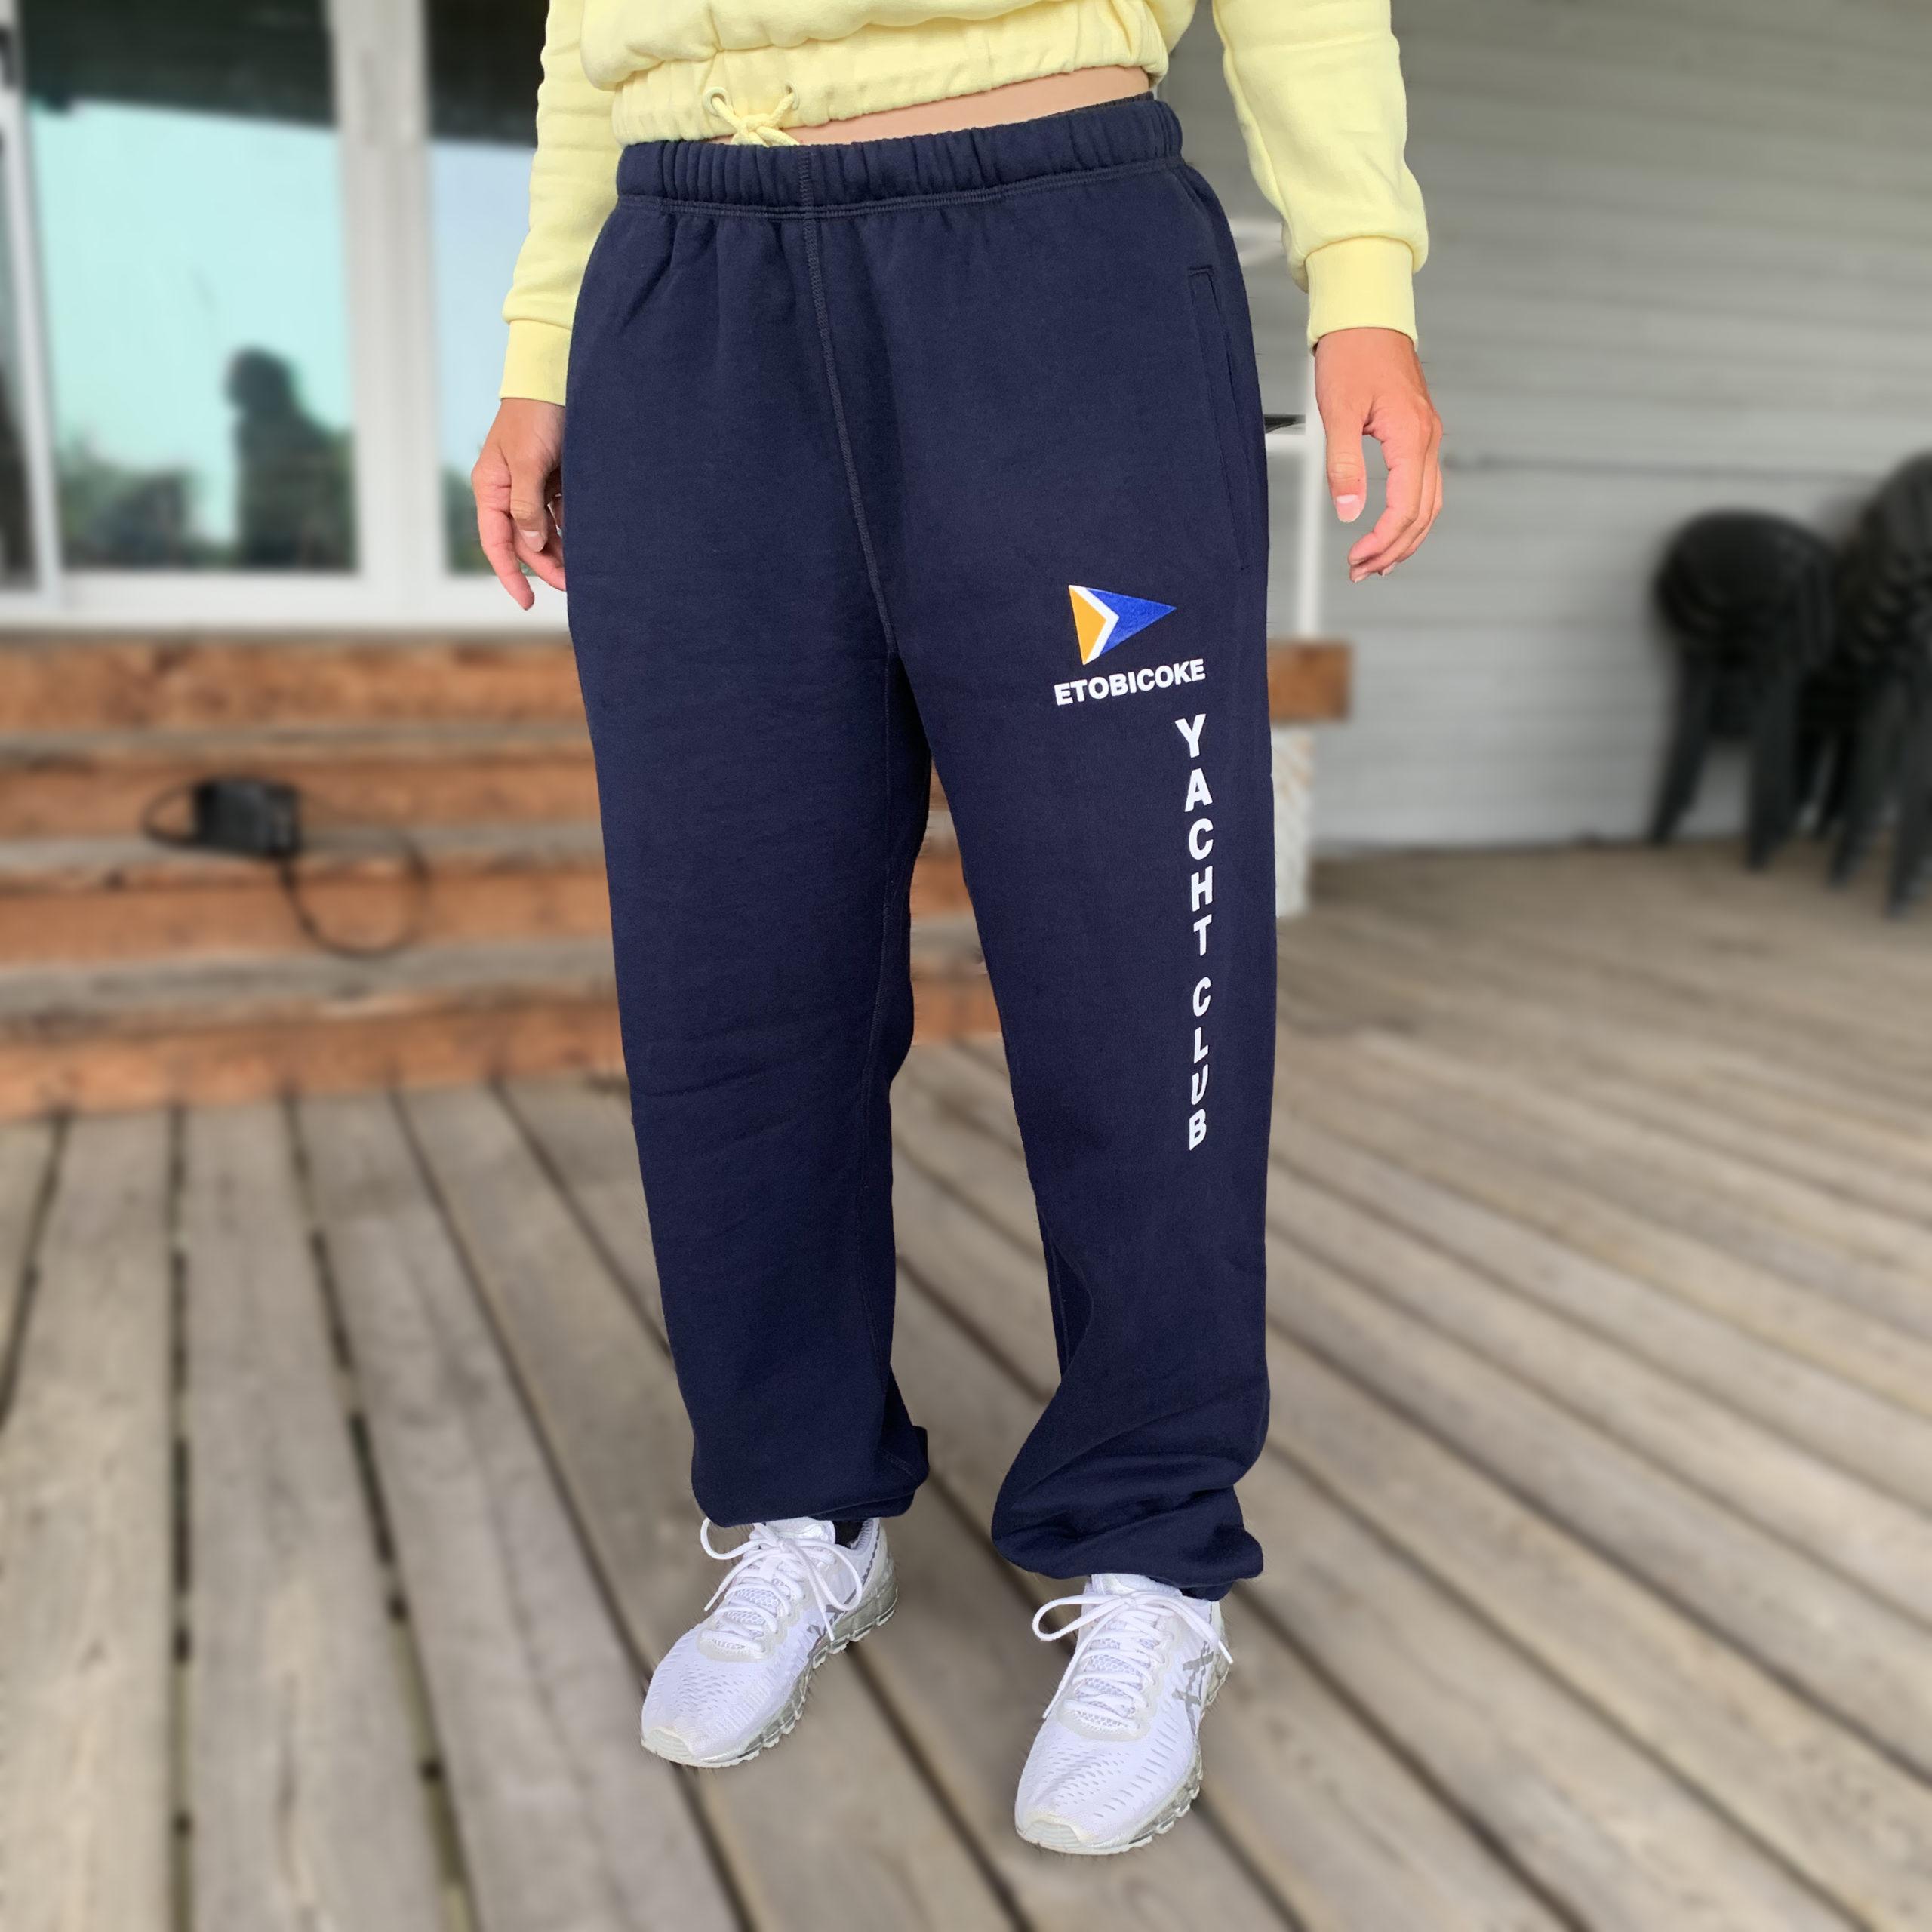 Sweatpants w/ Silkscreen Logo - $55